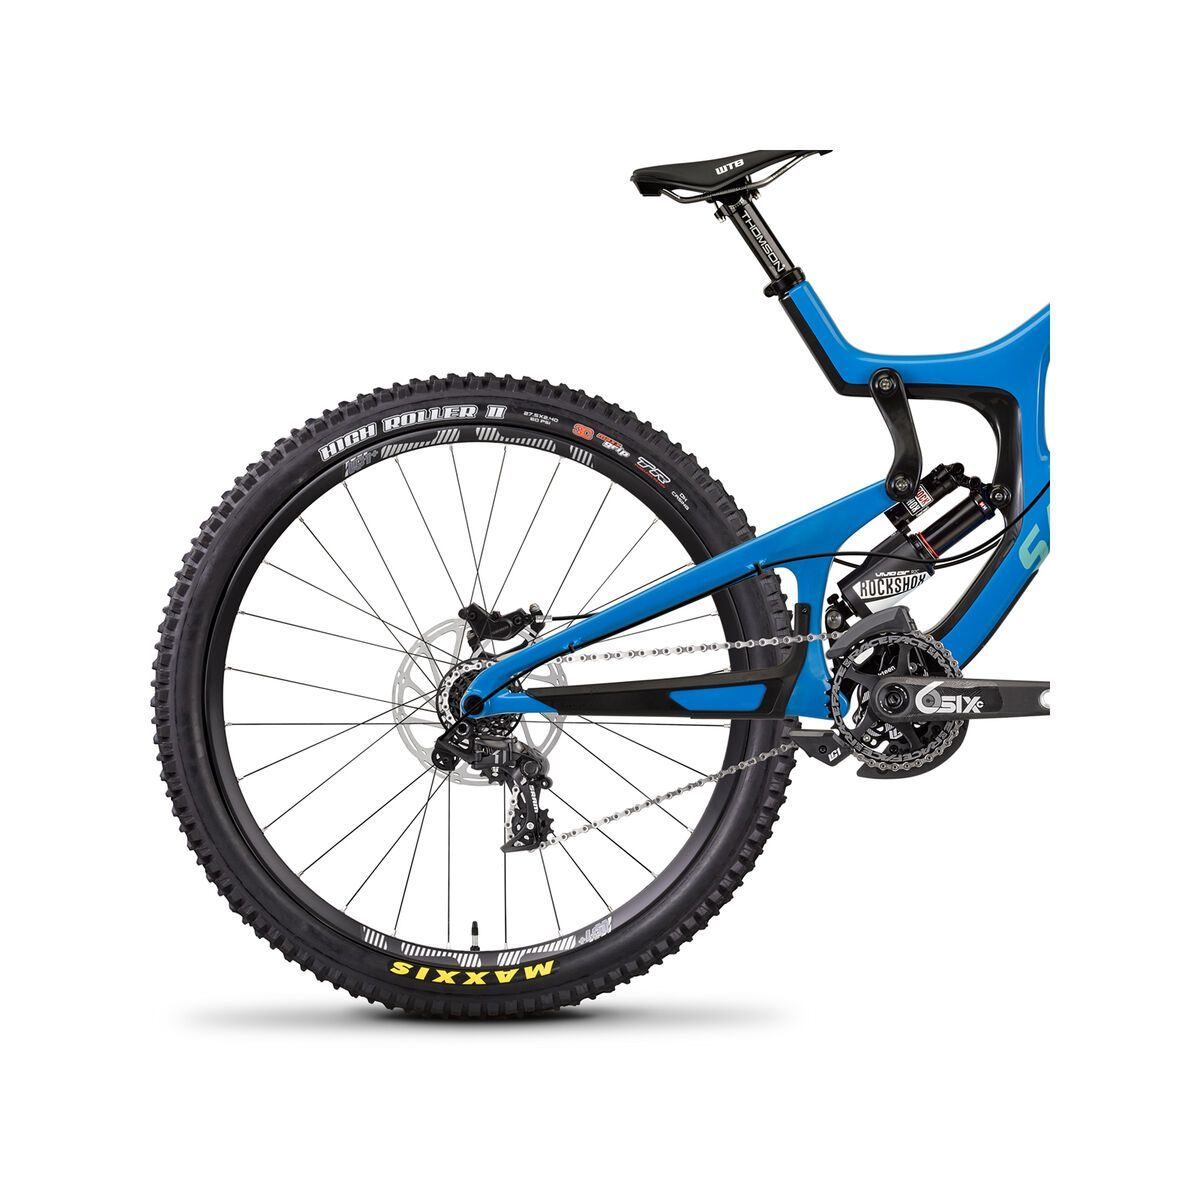 Santa Cruz V10 CC X01 RockShox Vivid Air, blue/mint | Bild 5